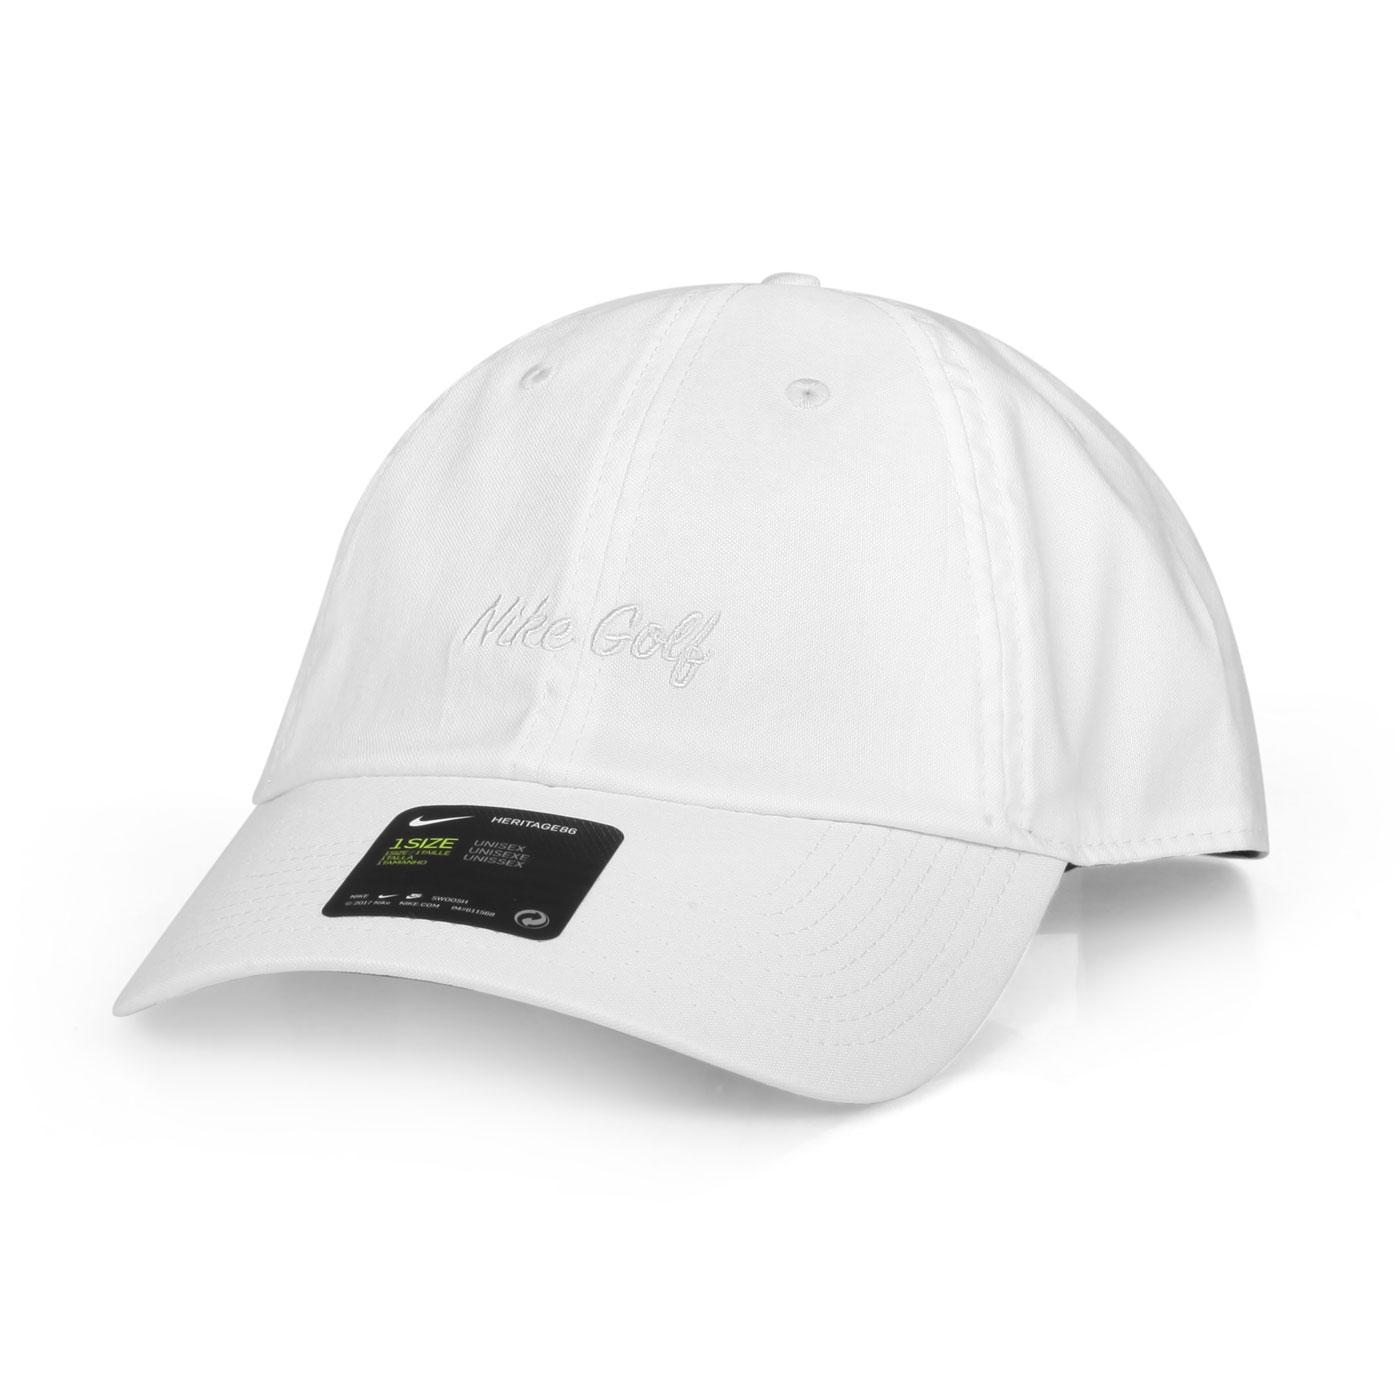 NIKE 運動帽  GOLFBV8228-010 - 白